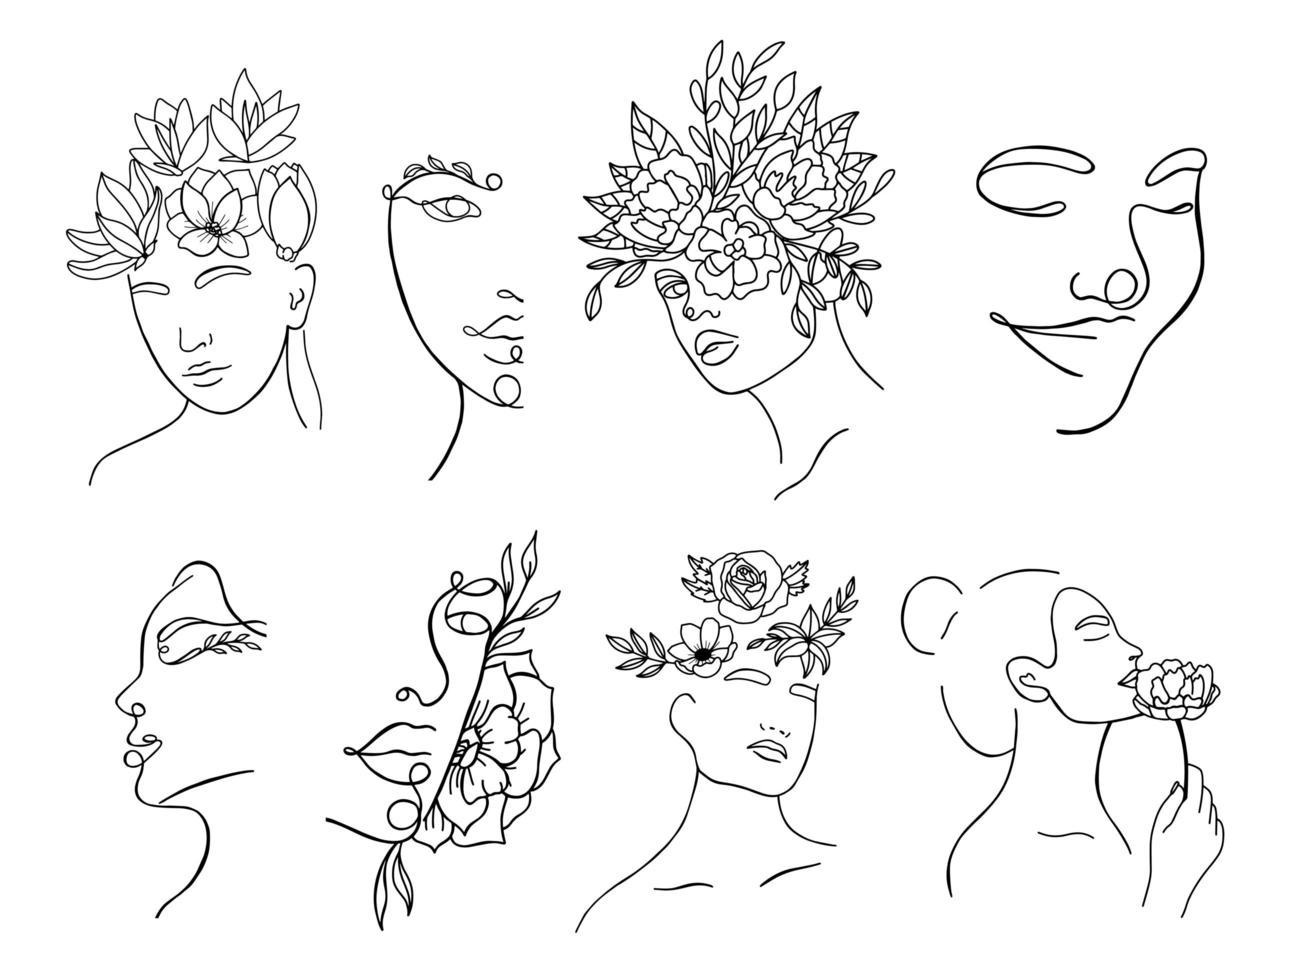 kontinuierliche lineare Silhouette der weiblichen Gesichter vektor